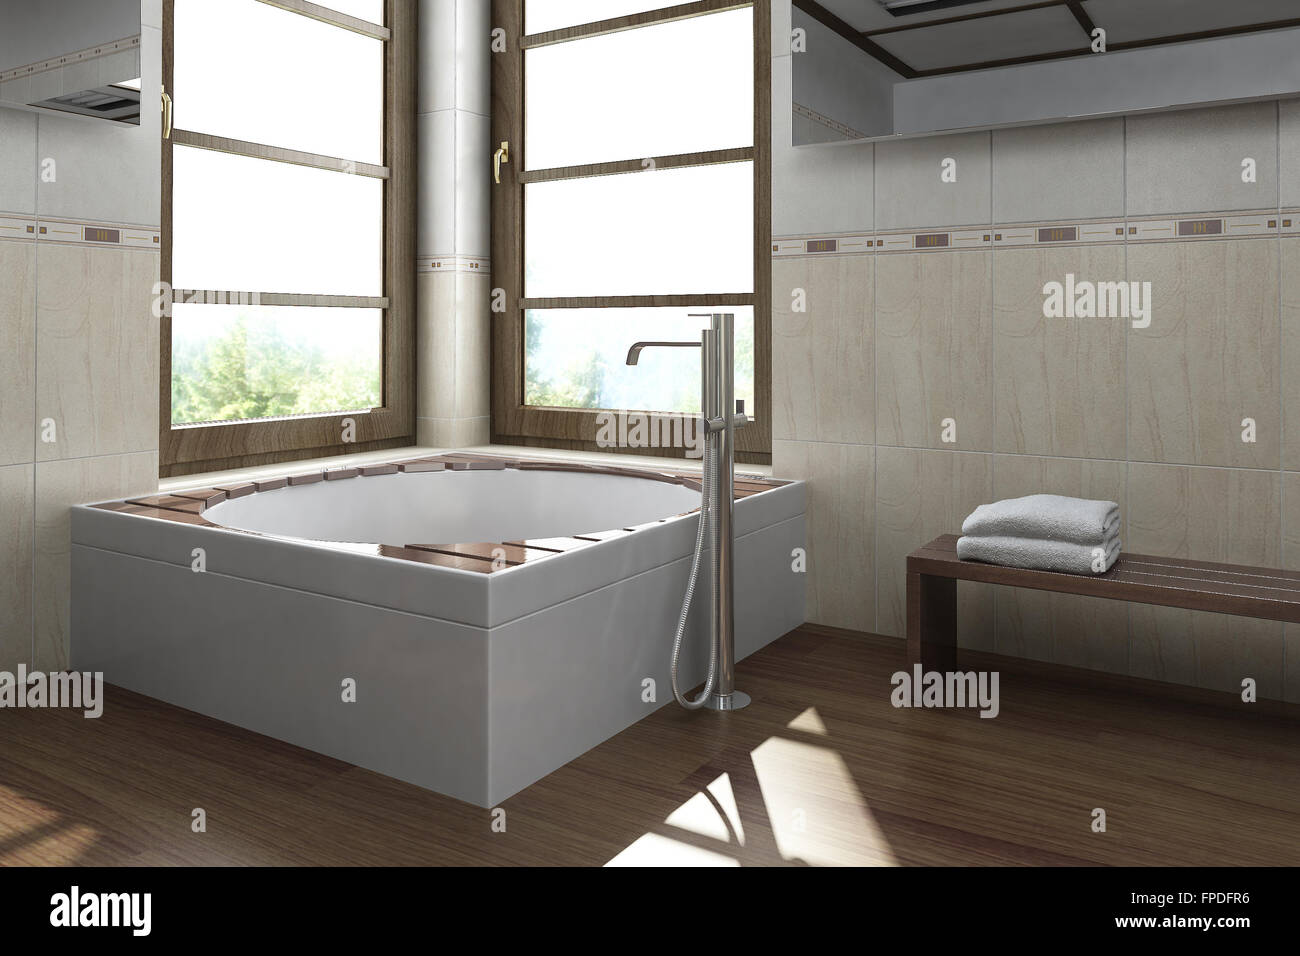 Modernes Innendesign Bad (Badezimmer). 3D-Rendering Stockfoto, Bild ...